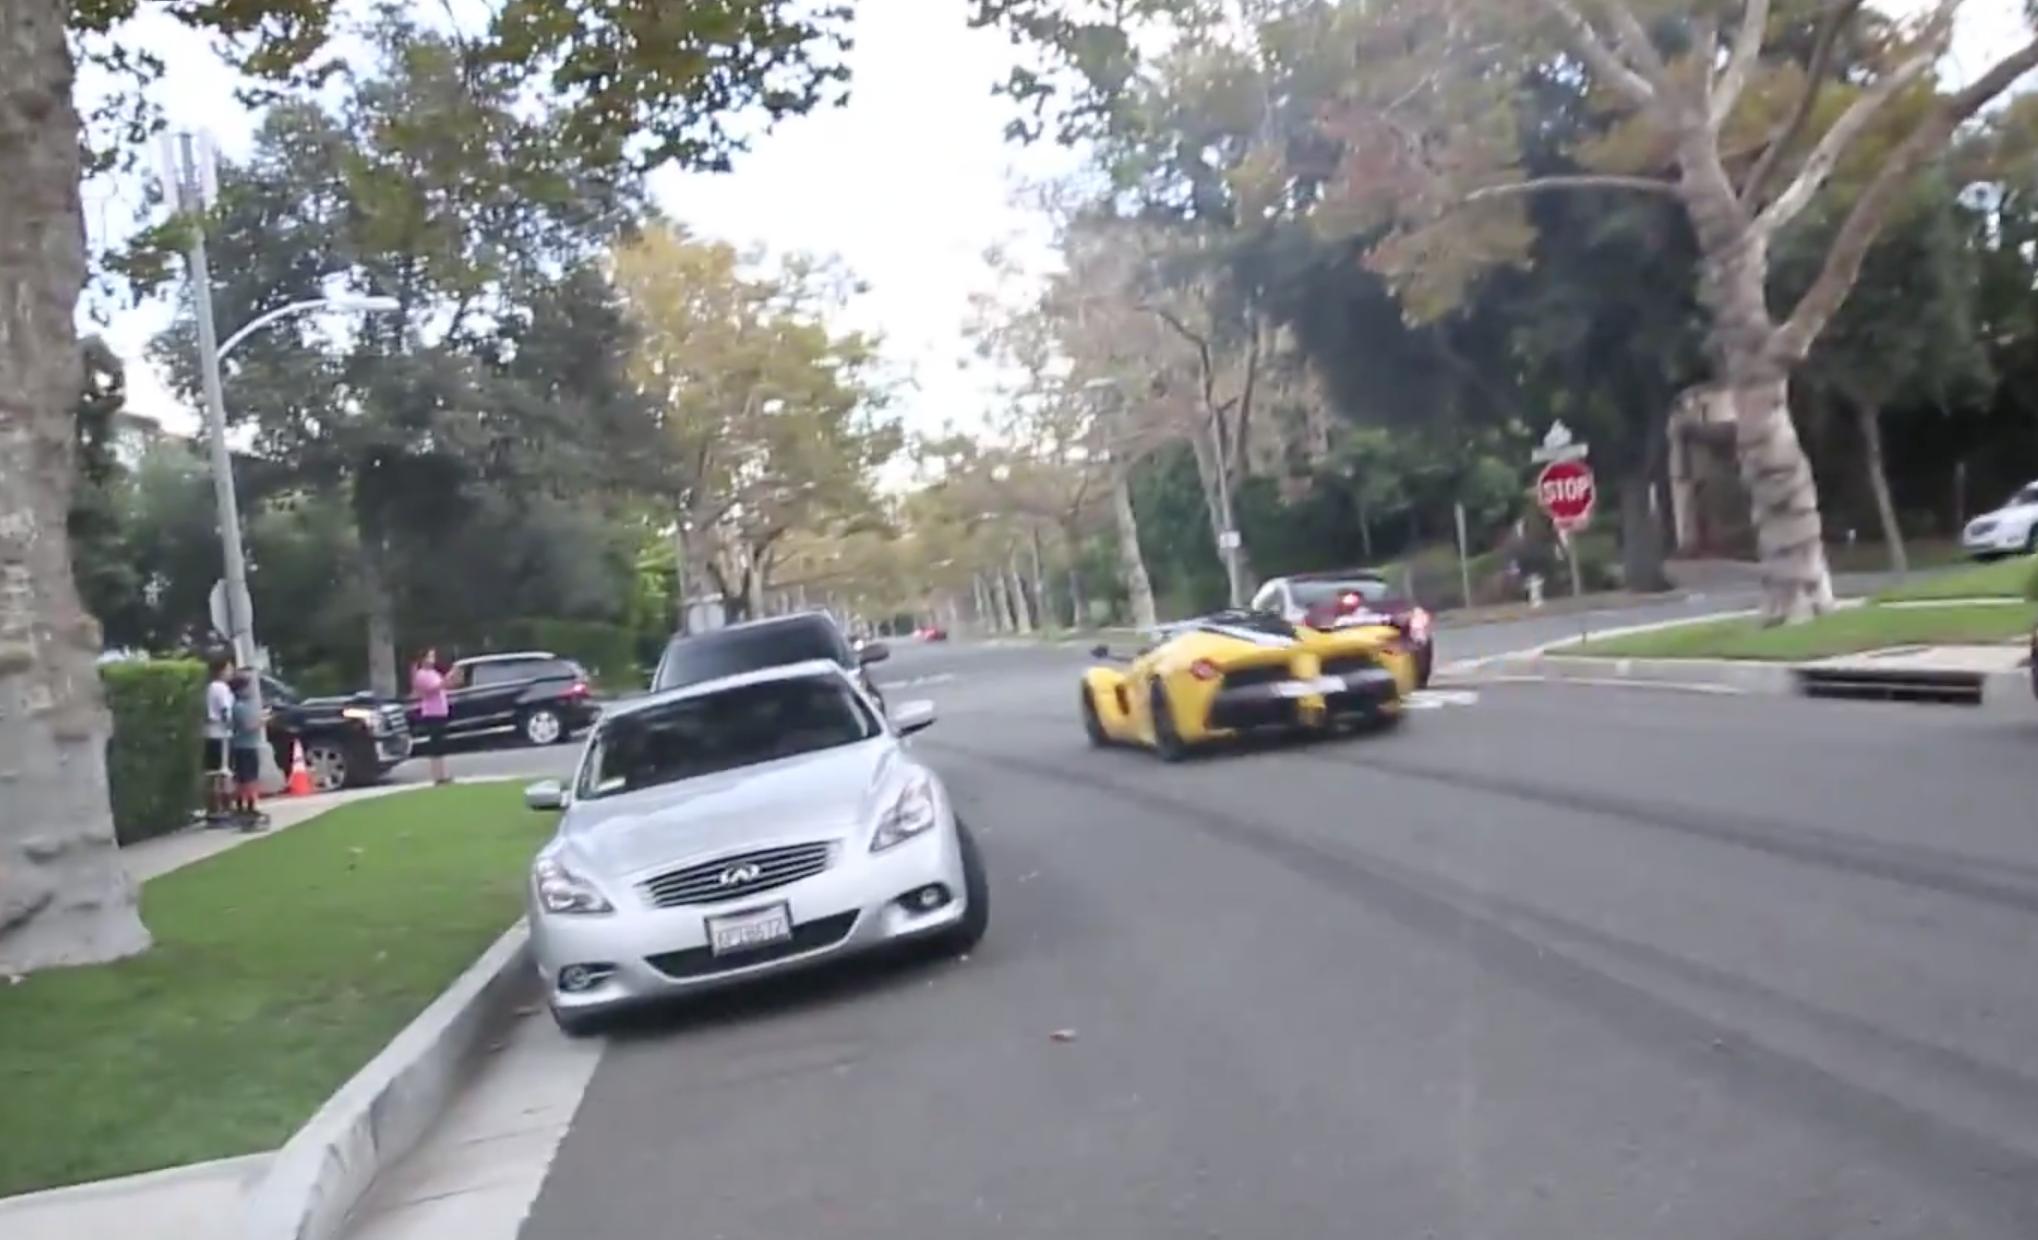 La Ferrari beverly hills blowing stop sign